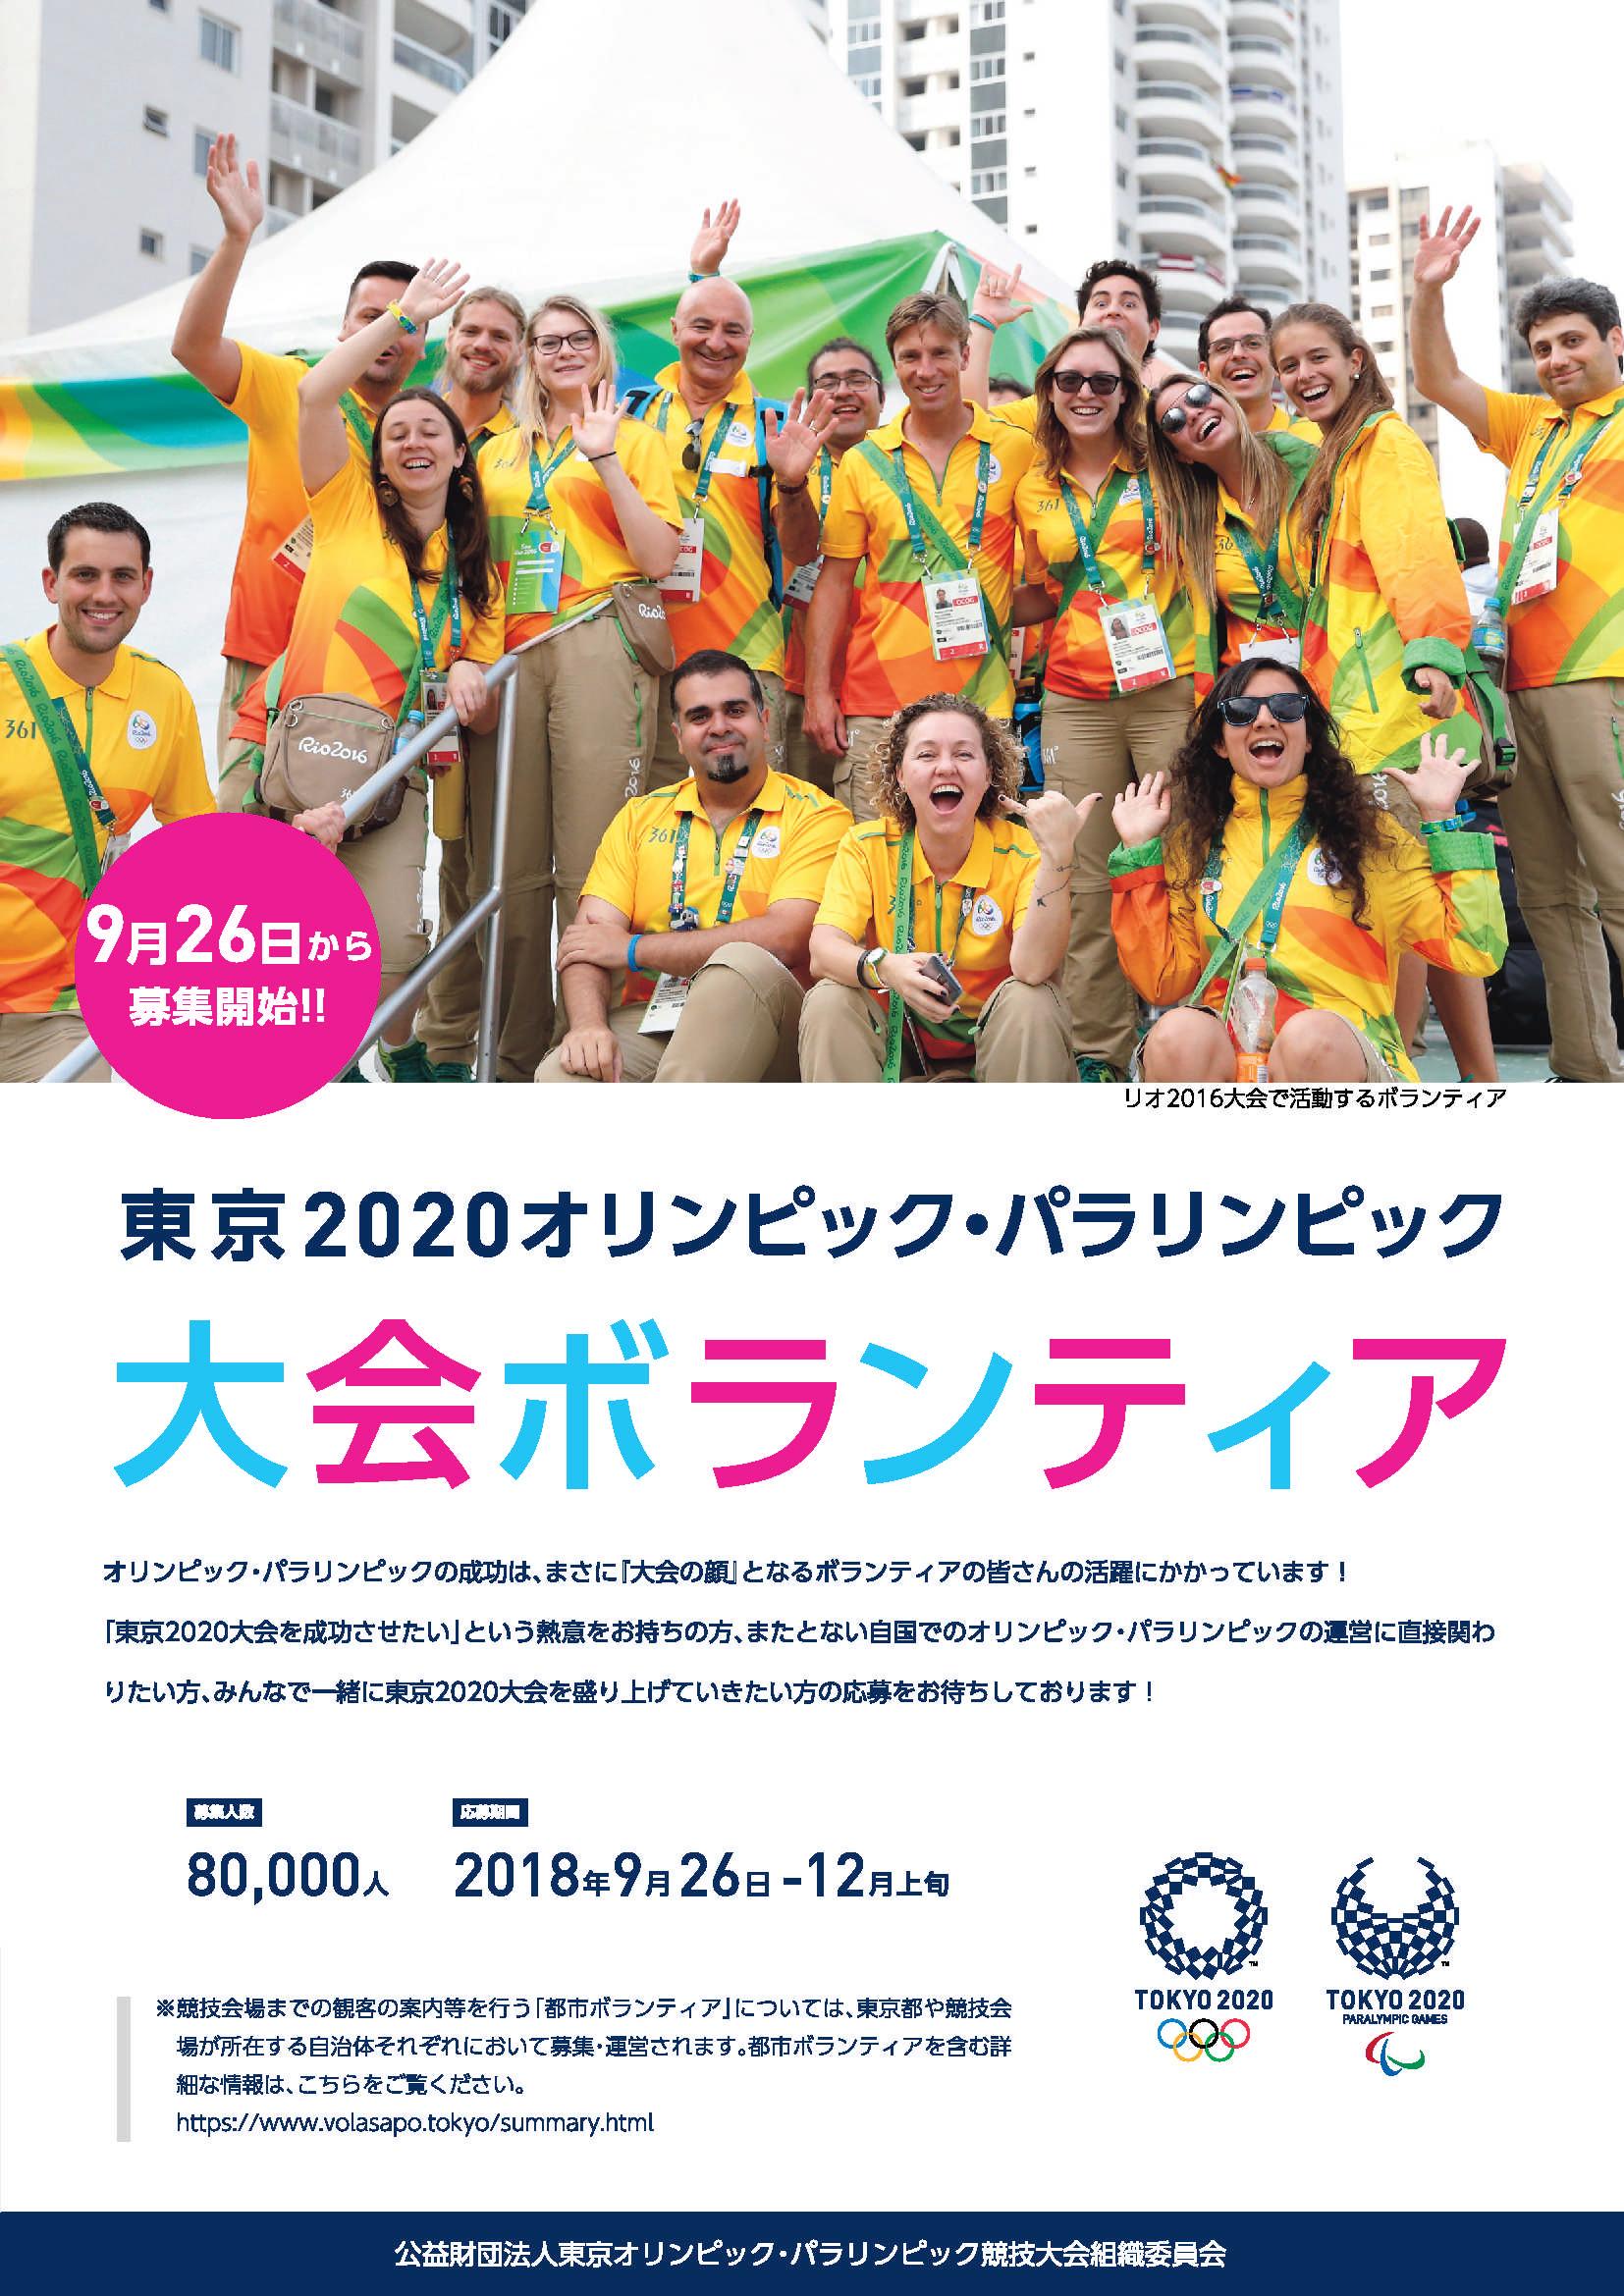 TOKYO202ボランティア募集ちらし